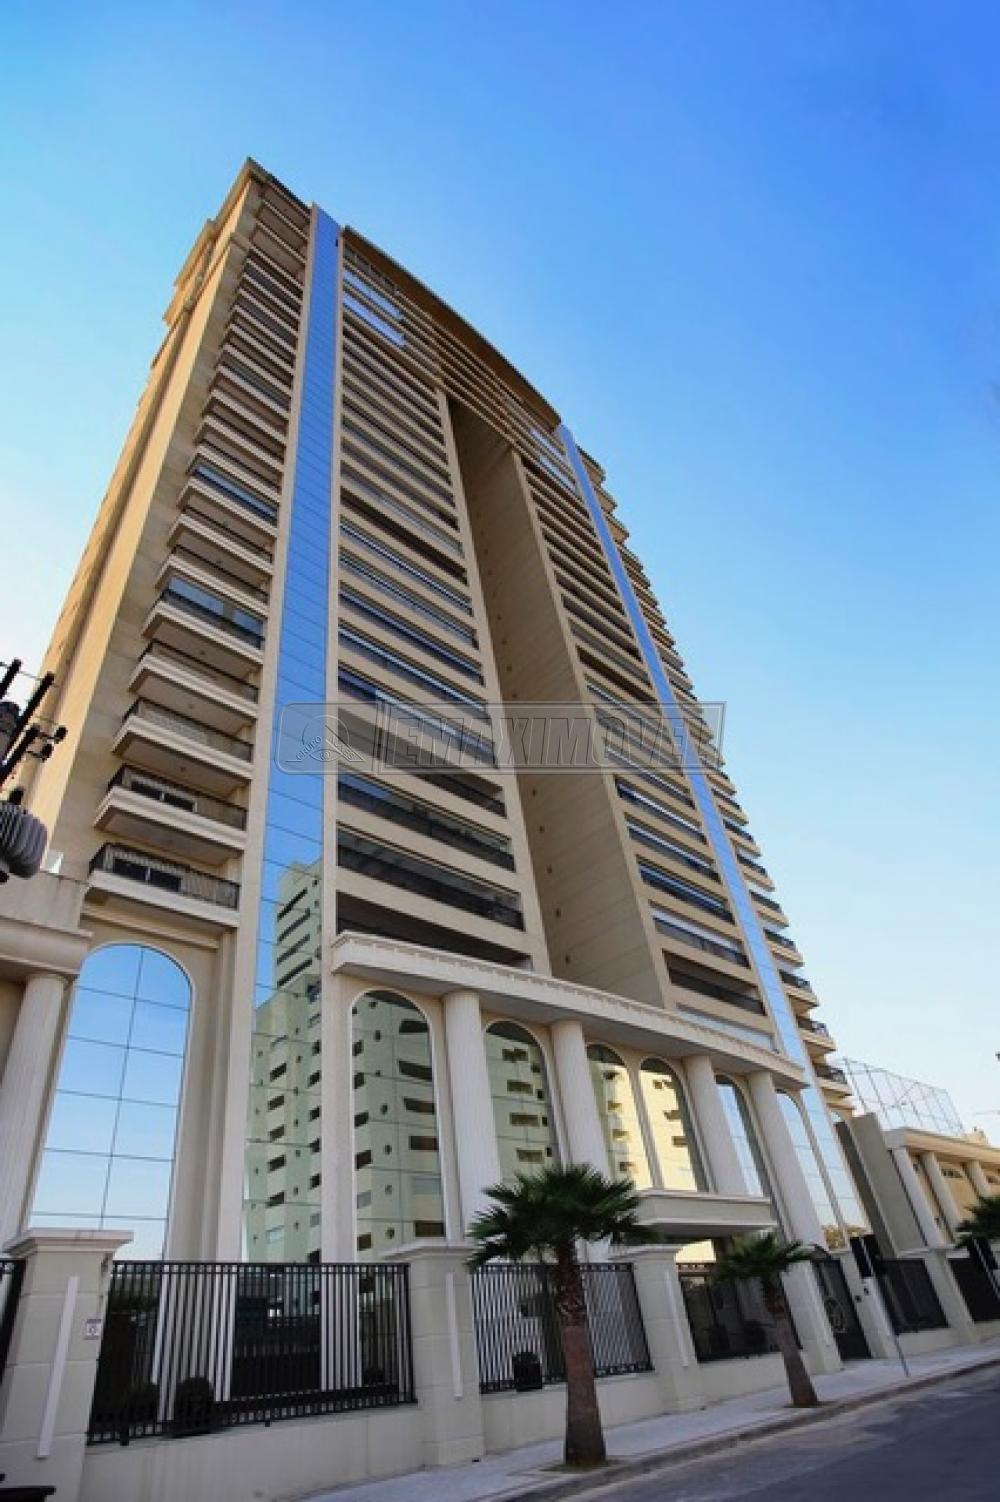 Comprar Apartamentos / Apto Padrão em Sorocaba apenas R$ 1.800.000,00 - Foto 2